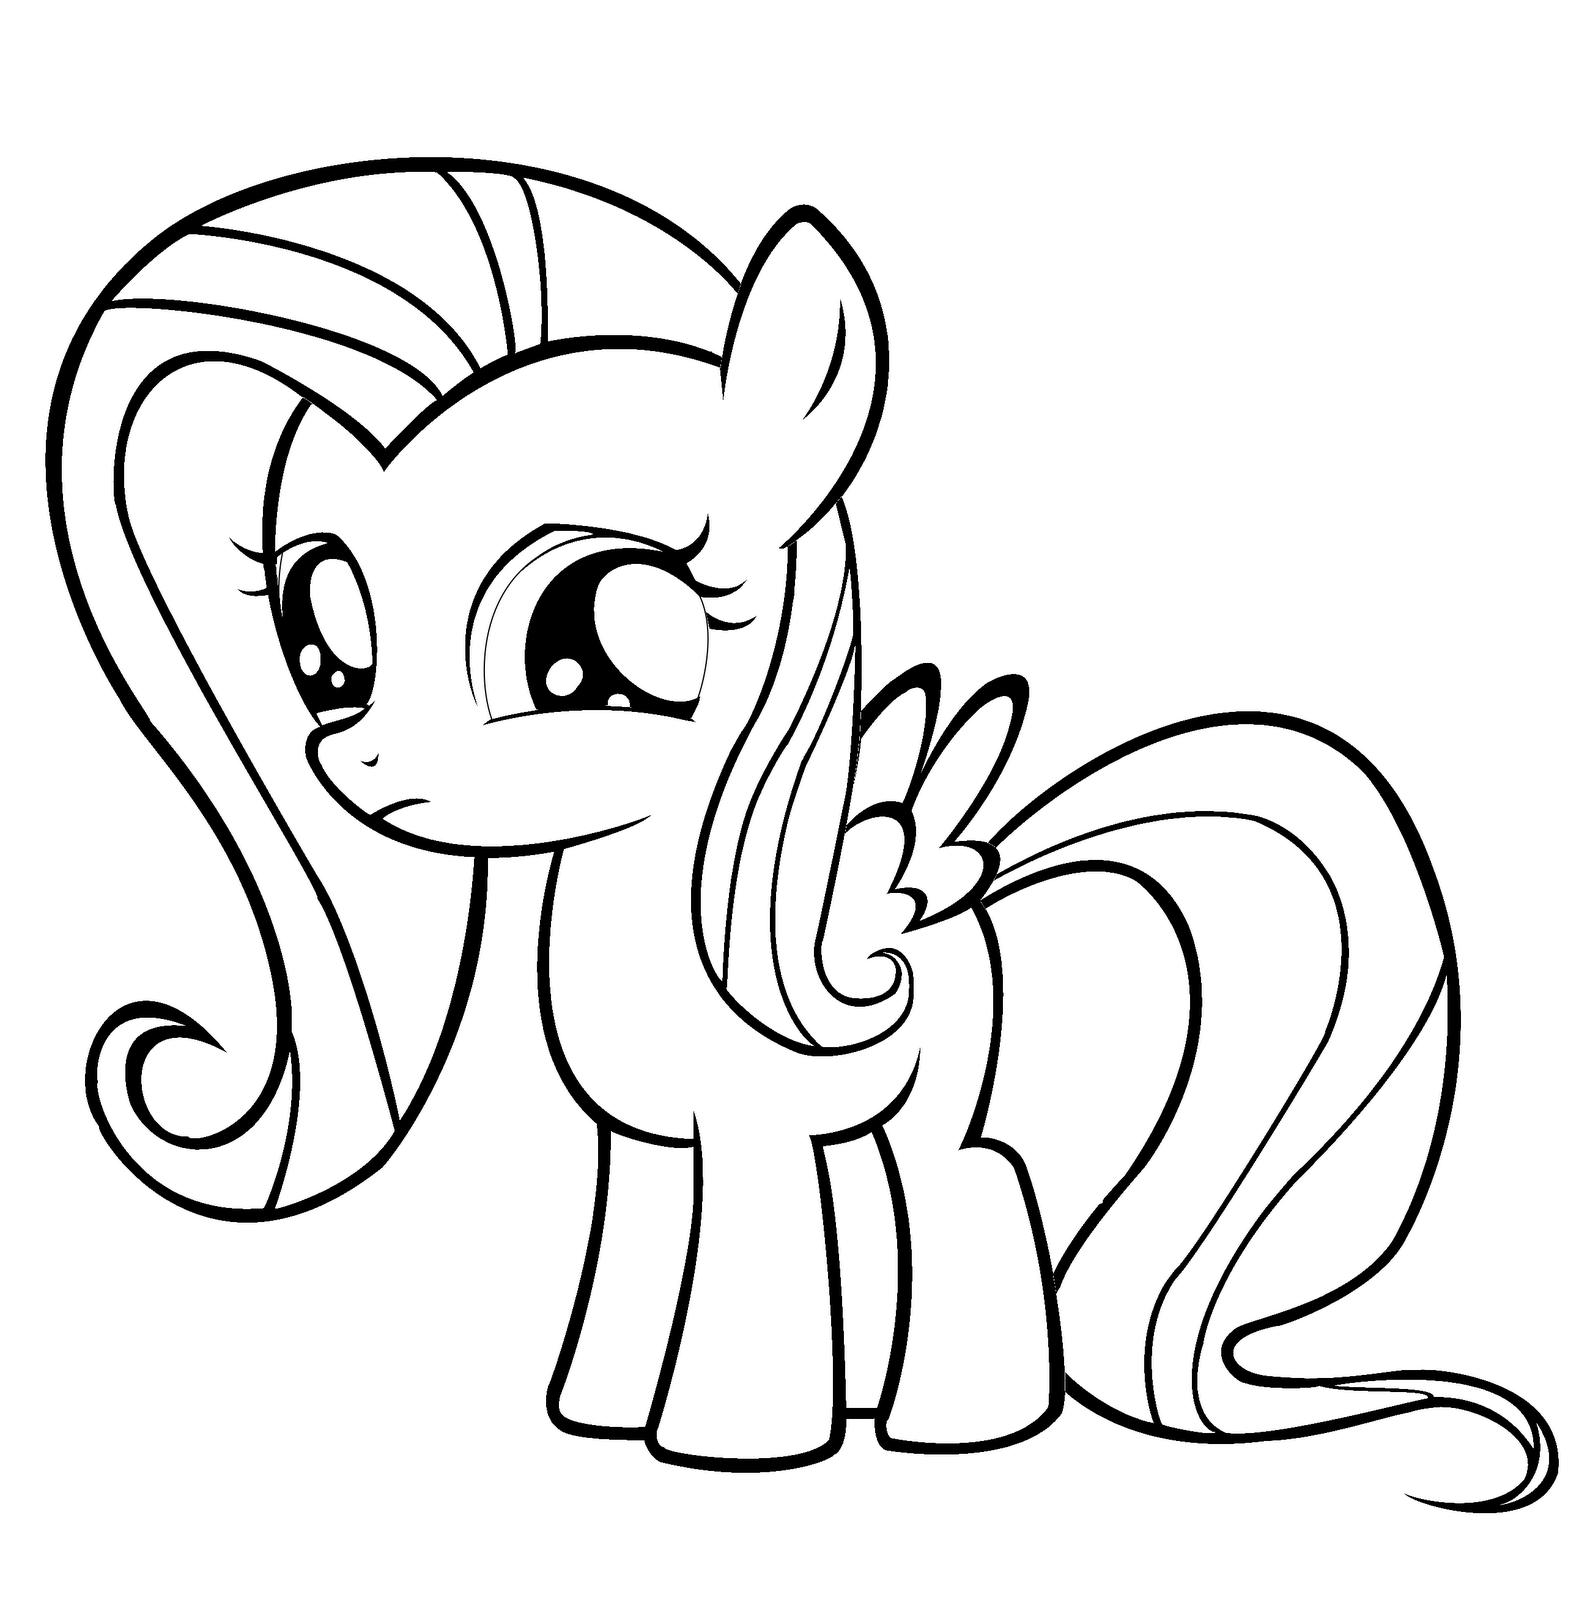 11 Dessins De Coloriage My Little Pony Fluttershy A Imprimer